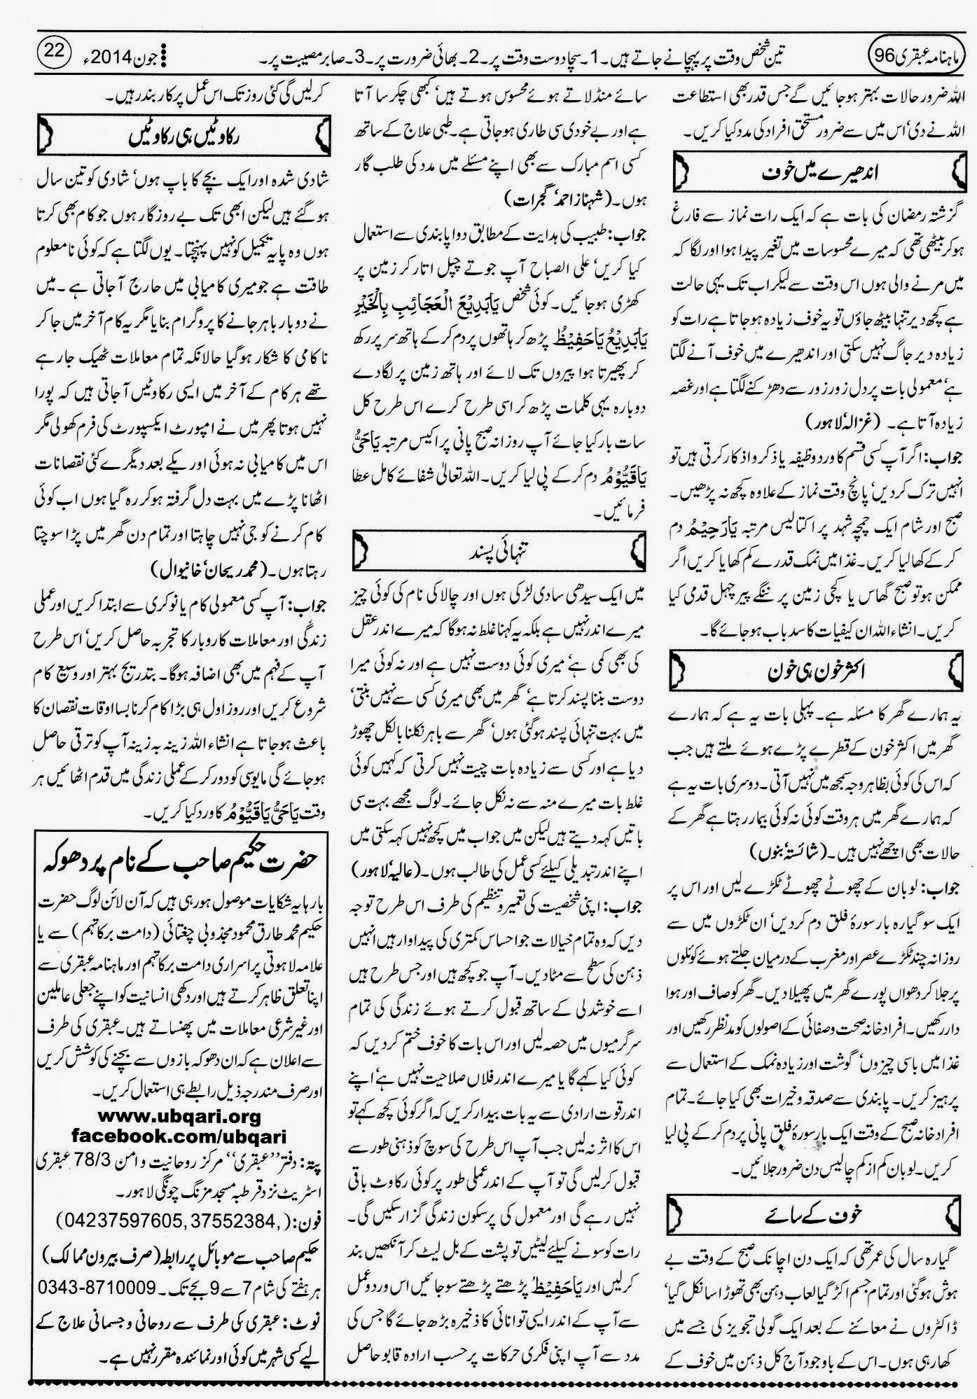 ubqari june 2014 page 22